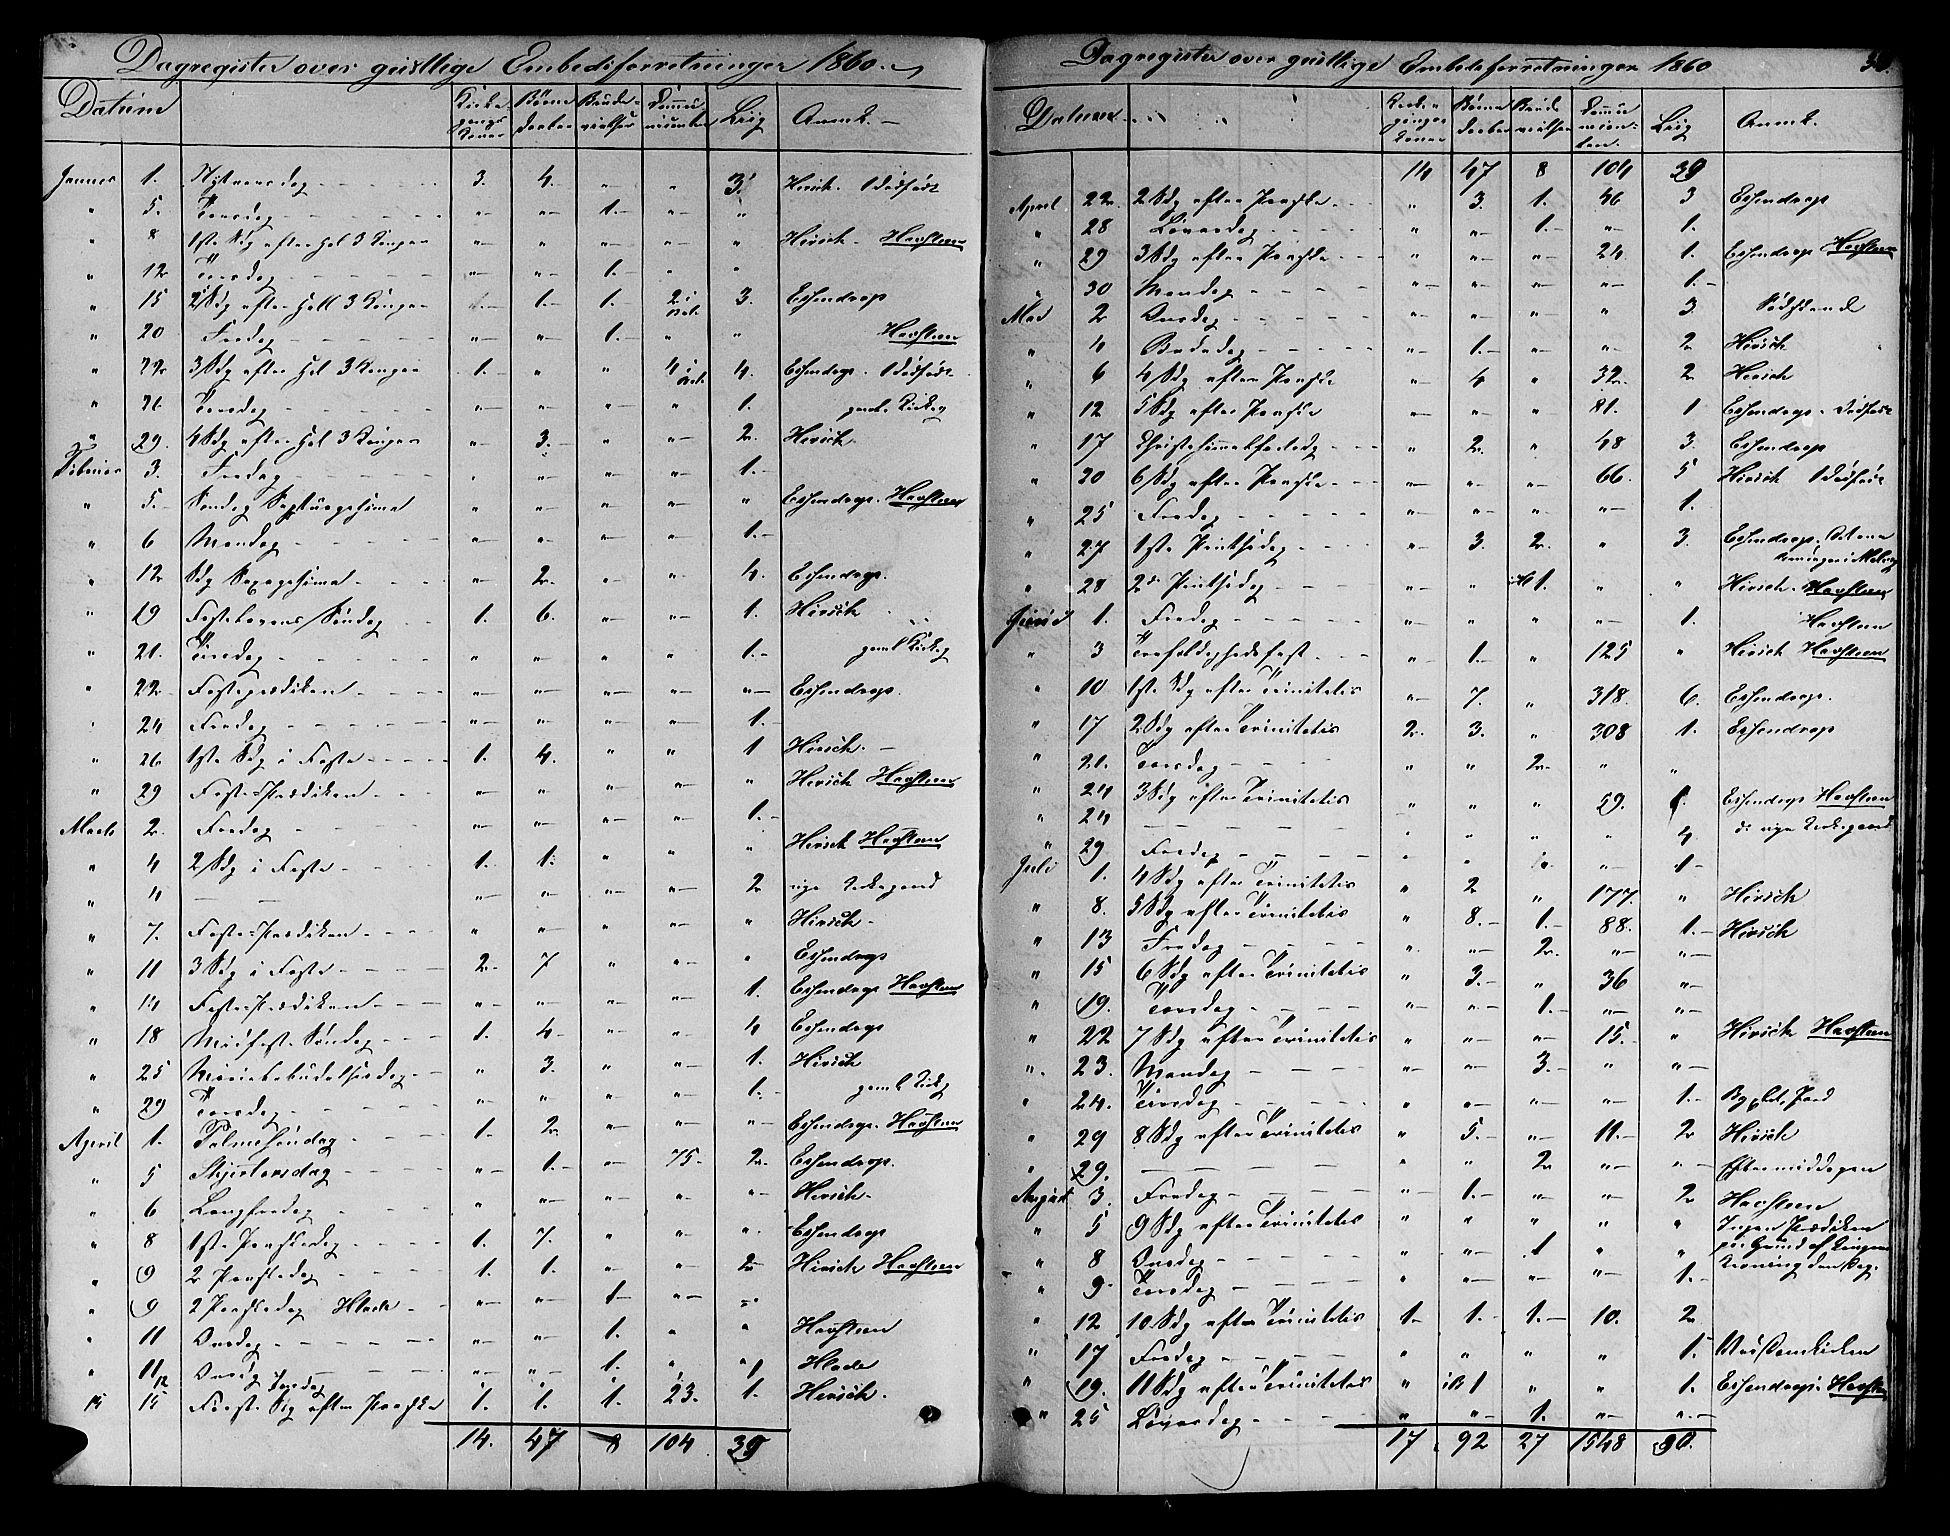 SAT, Ministerialprotokoller, klokkerbøker og fødselsregistre - Sør-Trøndelag, 606/L0311: Klokkerbok nr. 606C07, 1860-1877, s. 360